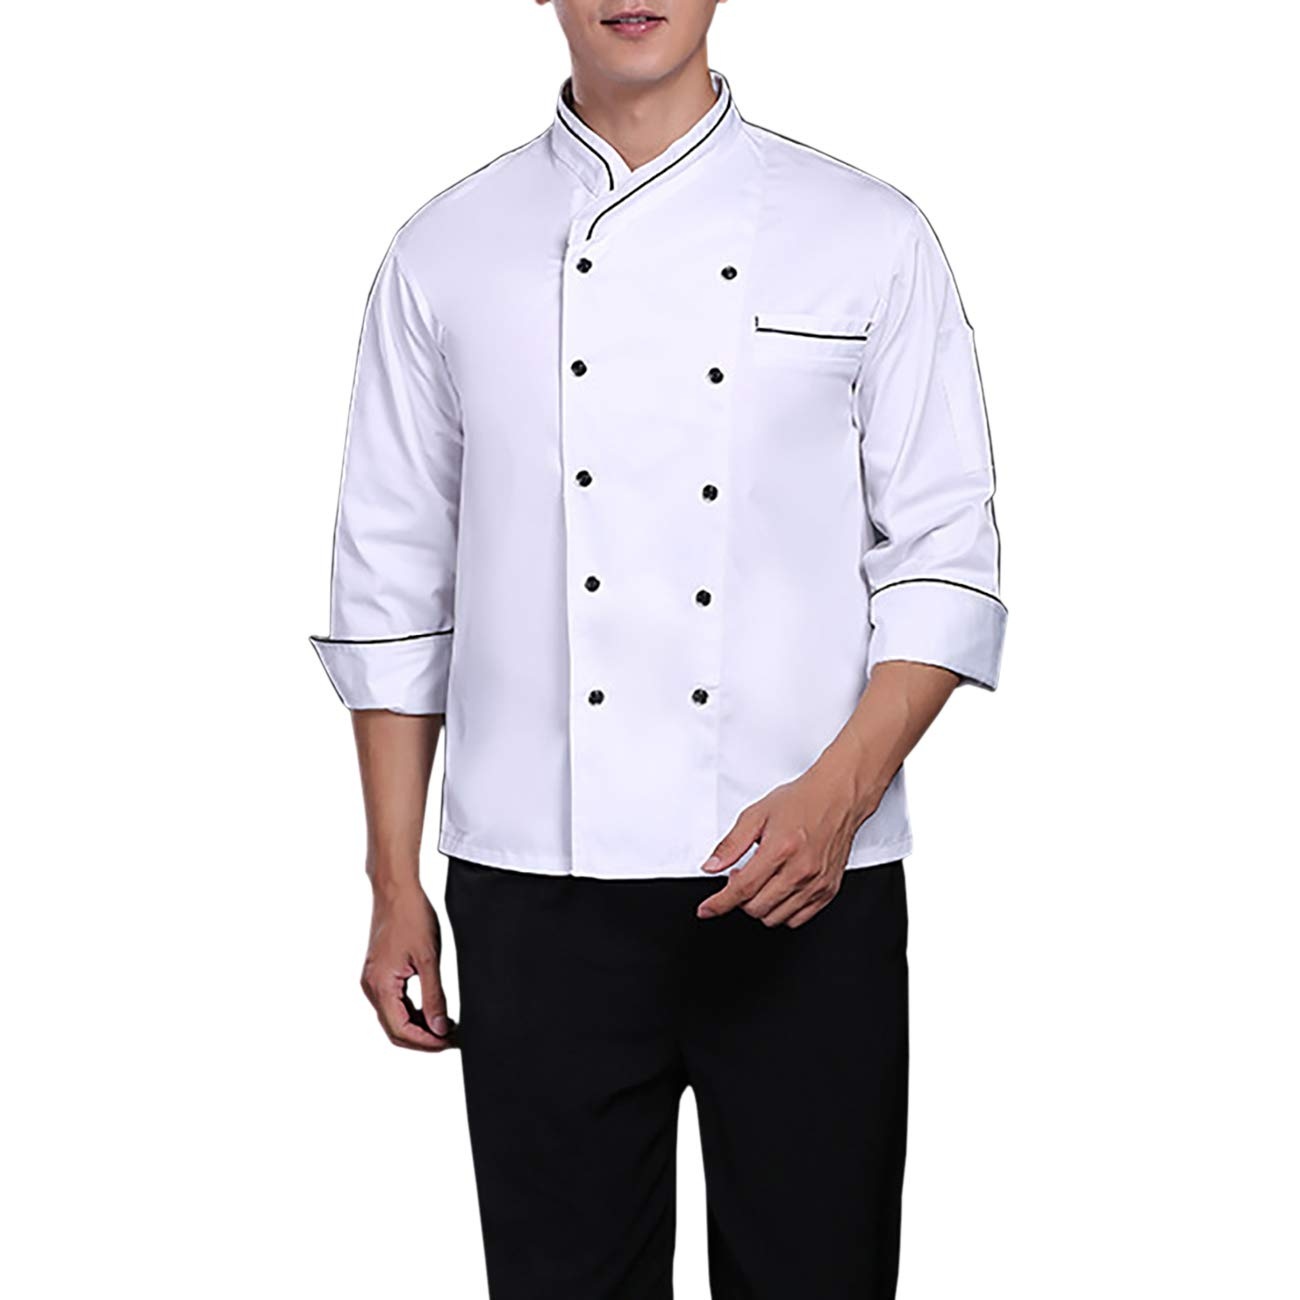 ShiyiUP Uniforme de Chef Unisexes Veste de Cuisine pour Homme et Femme